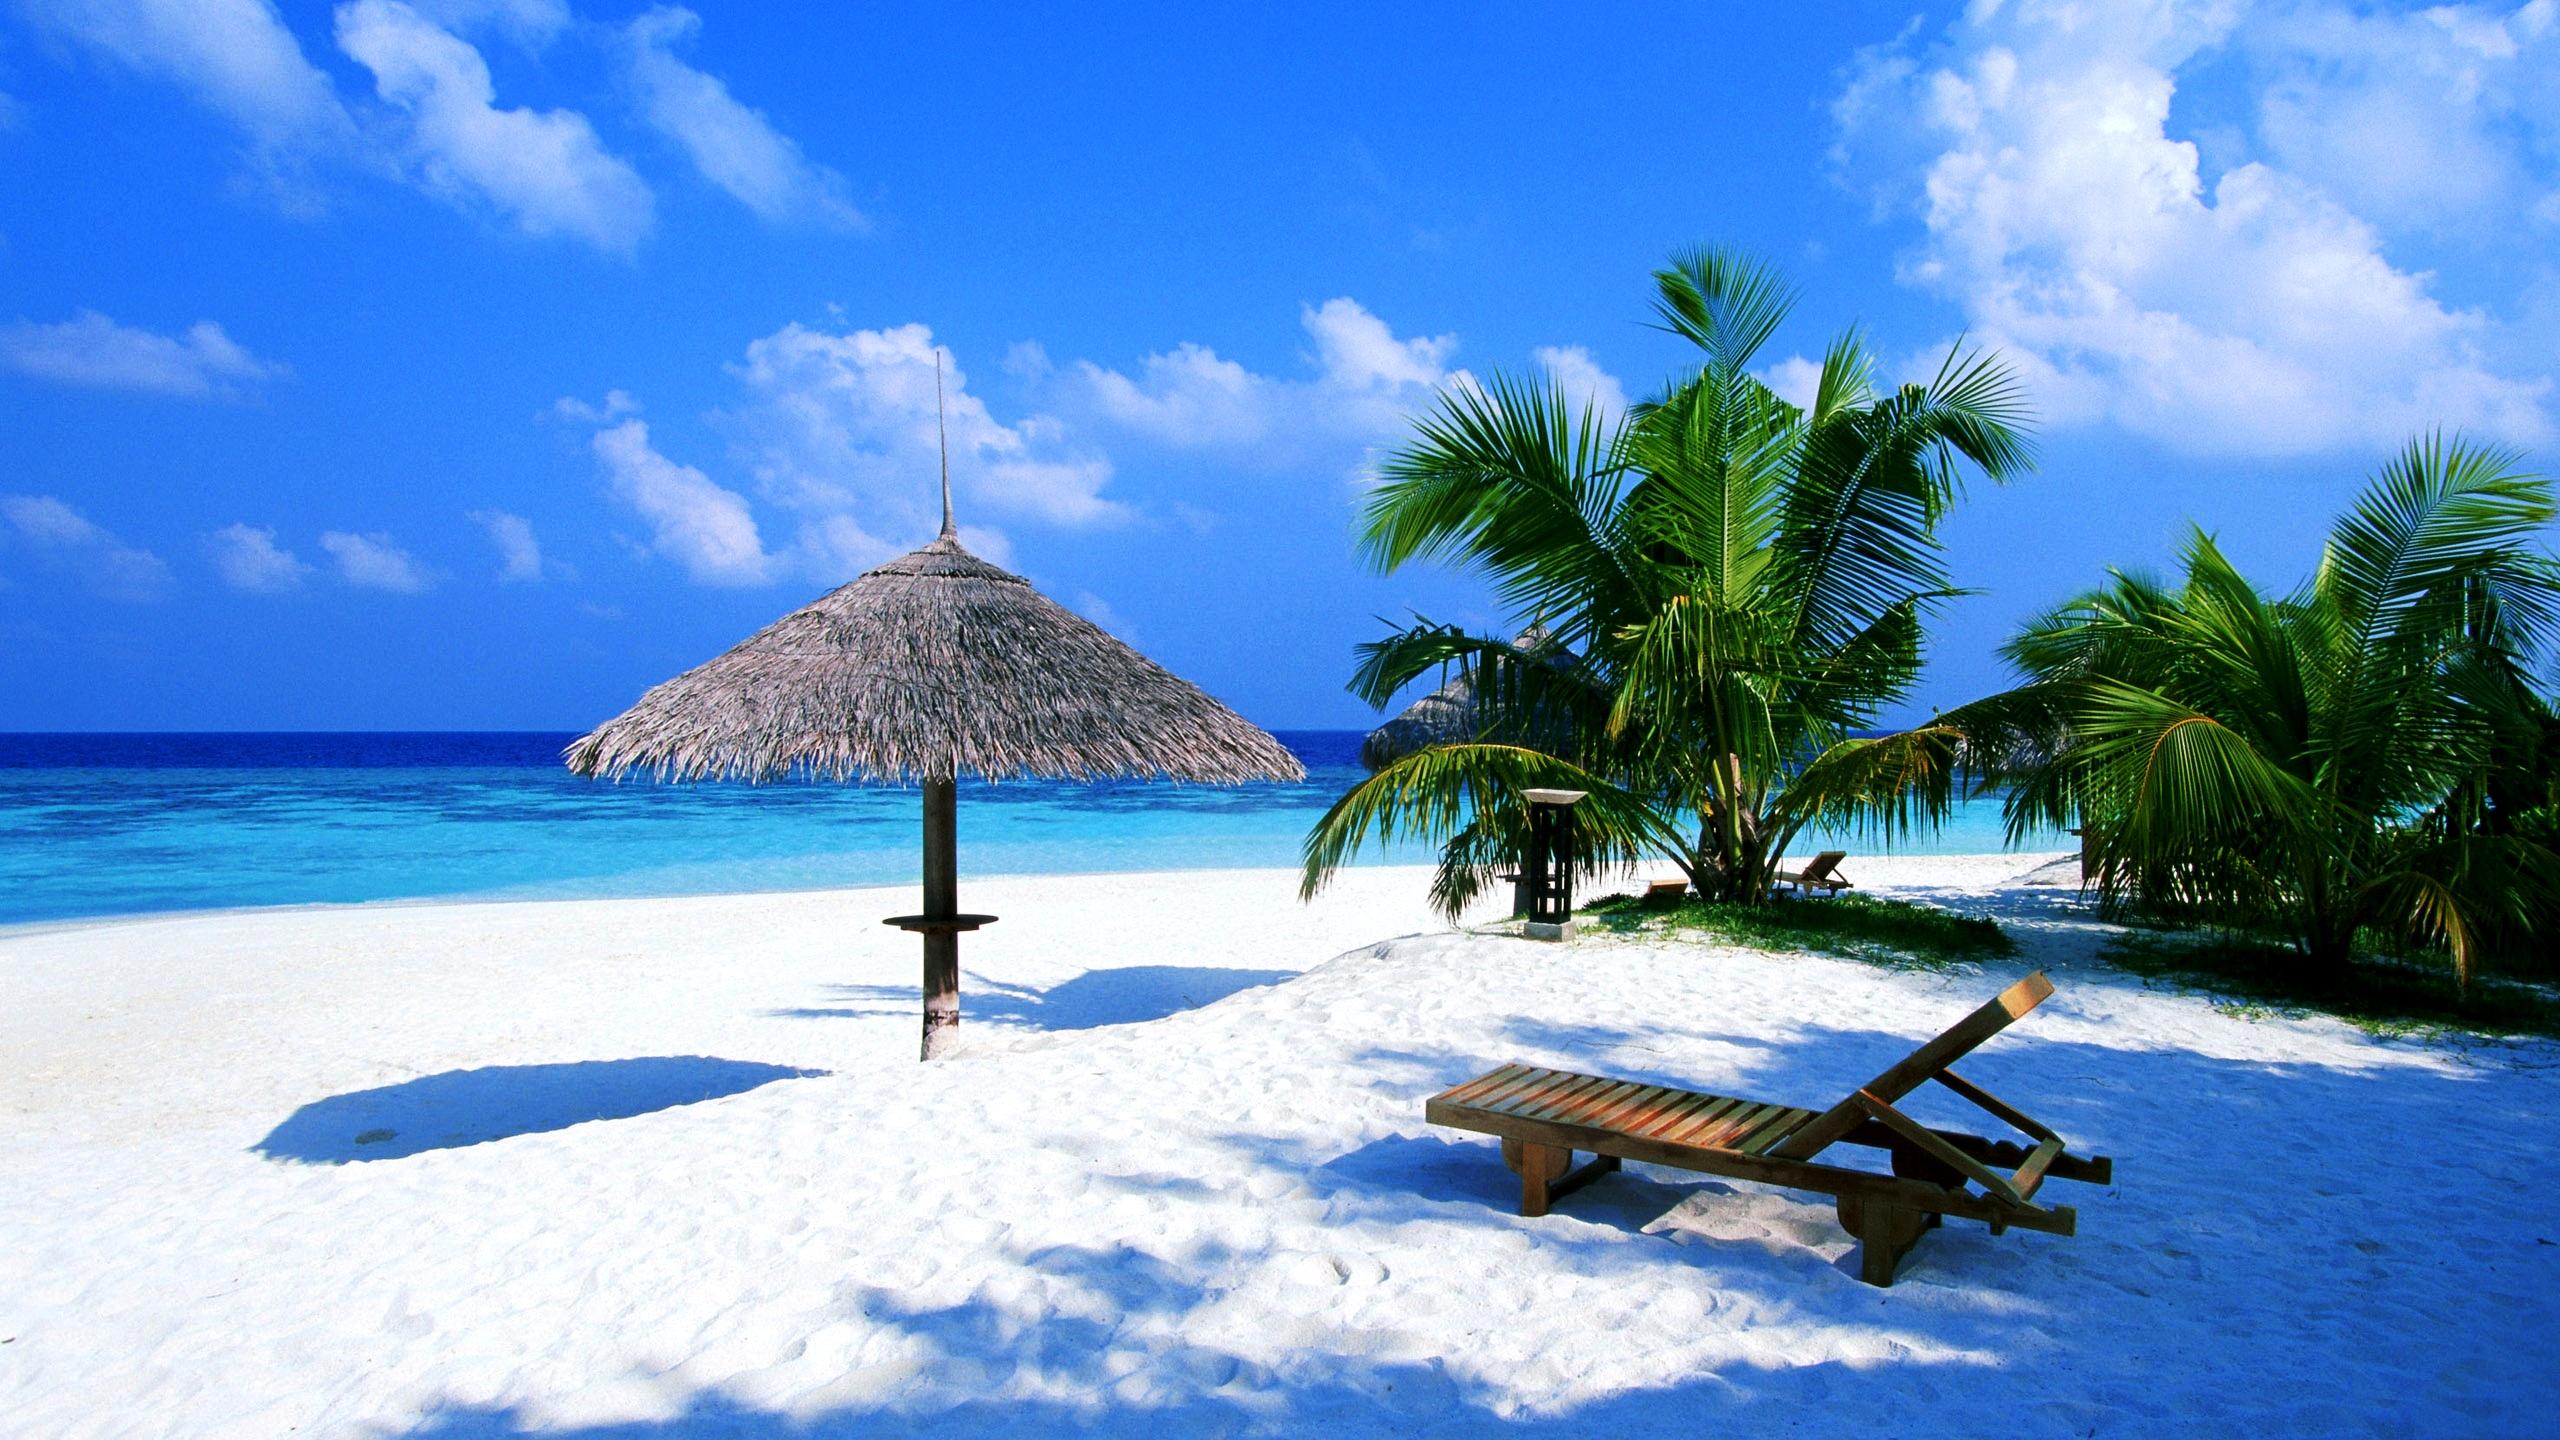 Desktop Wallpaper Beach Scenes To Warm Up Your Working Space 2560x1440